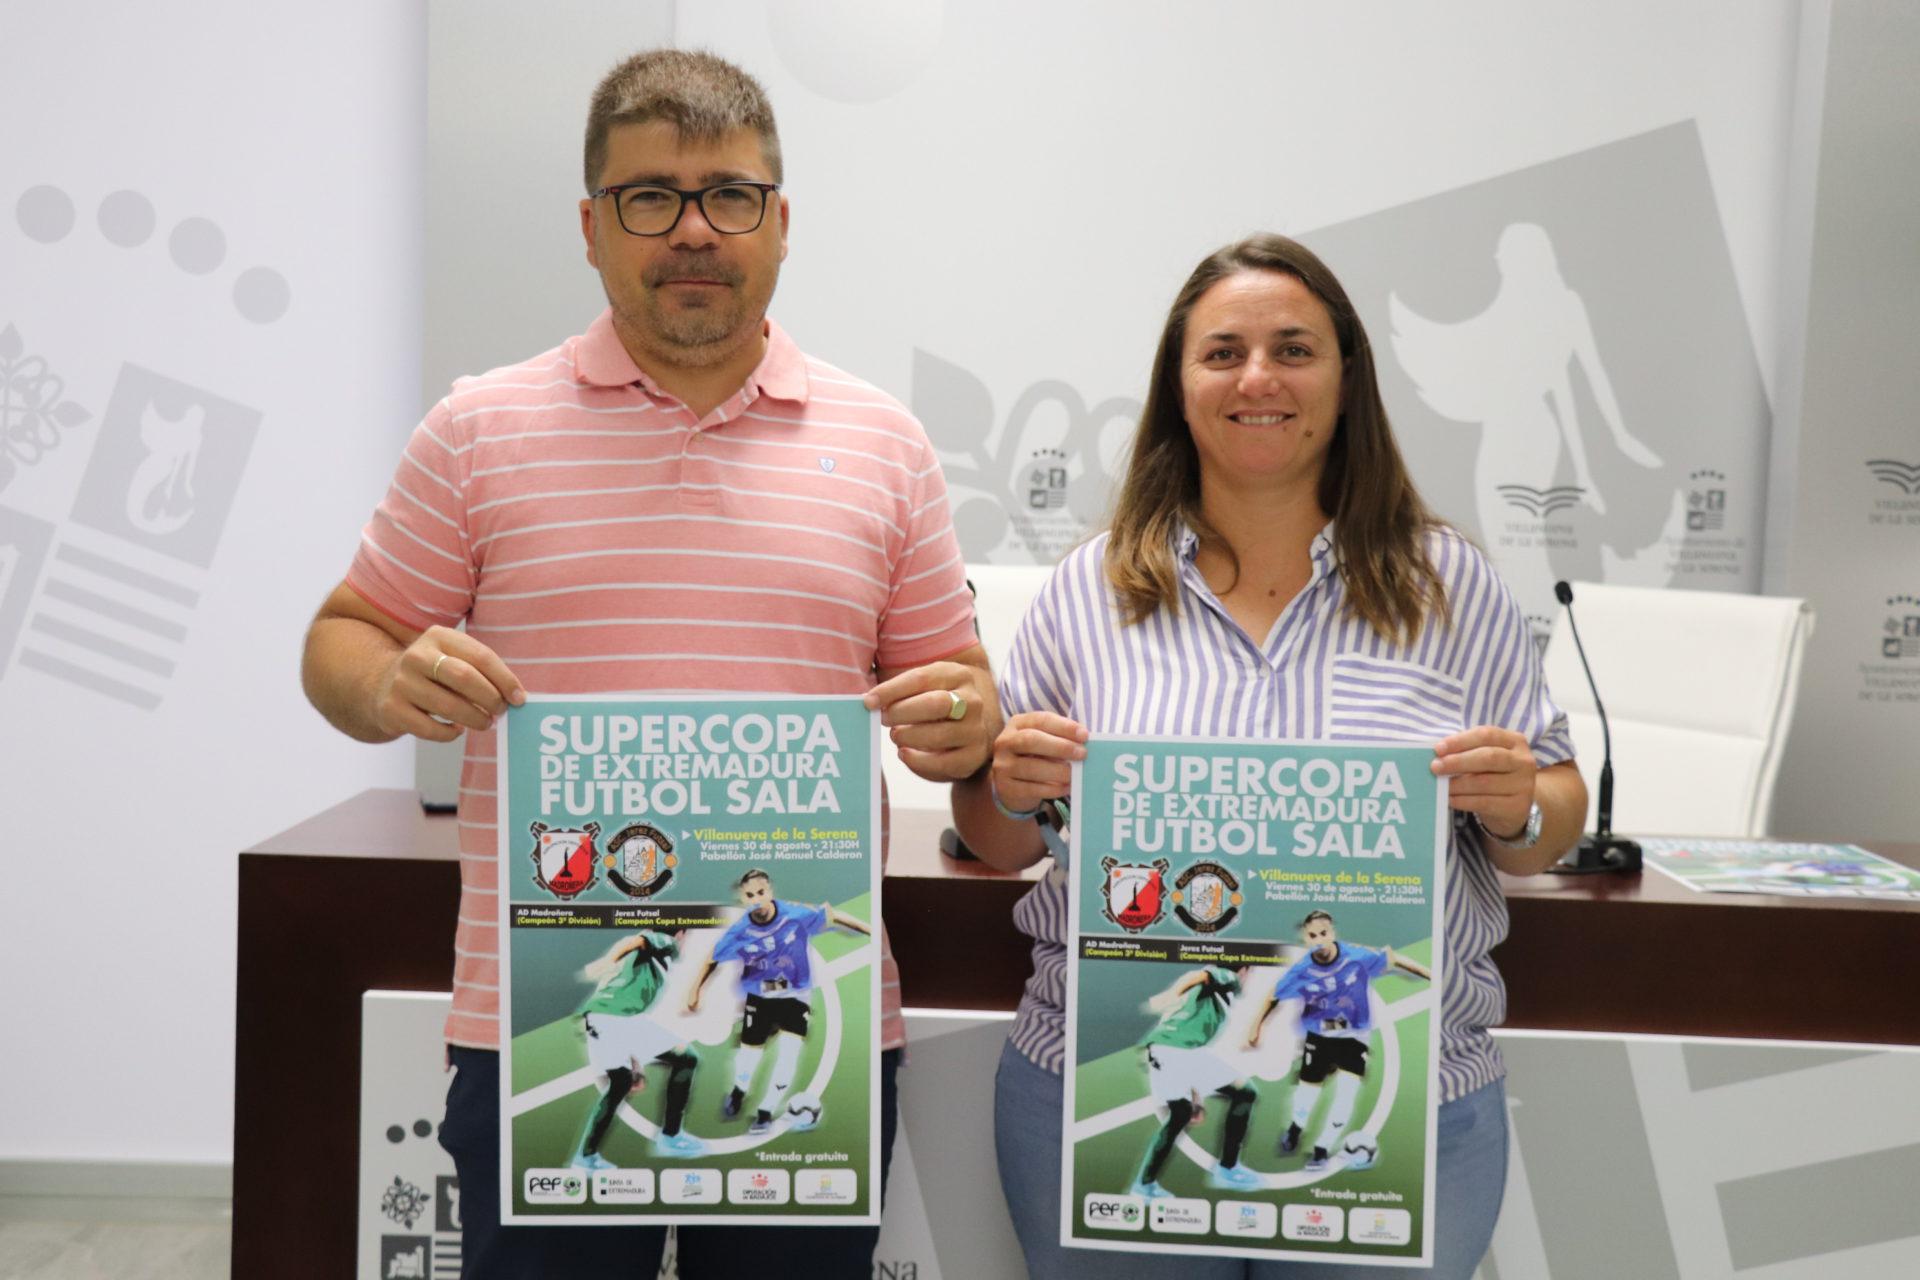 La Supercopa de Extremadura de Fútbol Sala se disputará el día 30